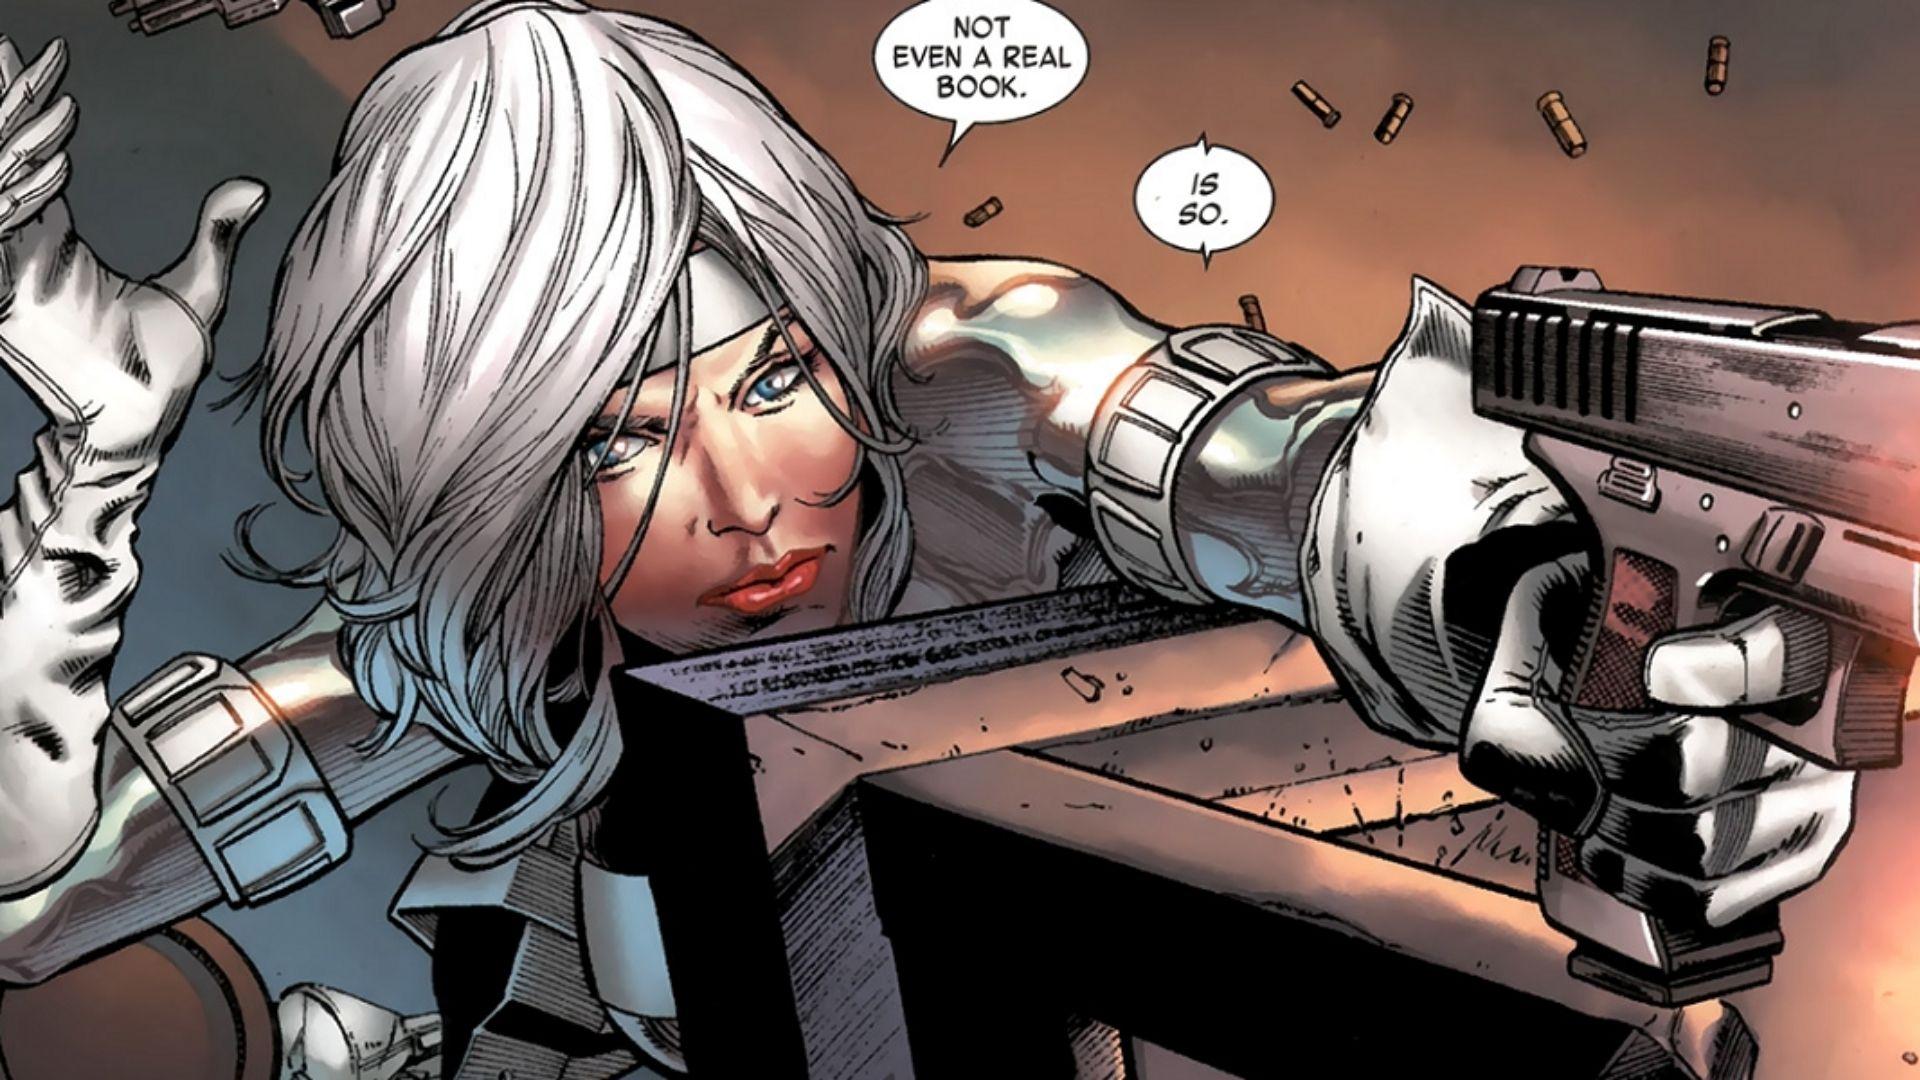 【スパイダーマン】シルバーセーブルの強さ・能力について解説!【マーベル原作】